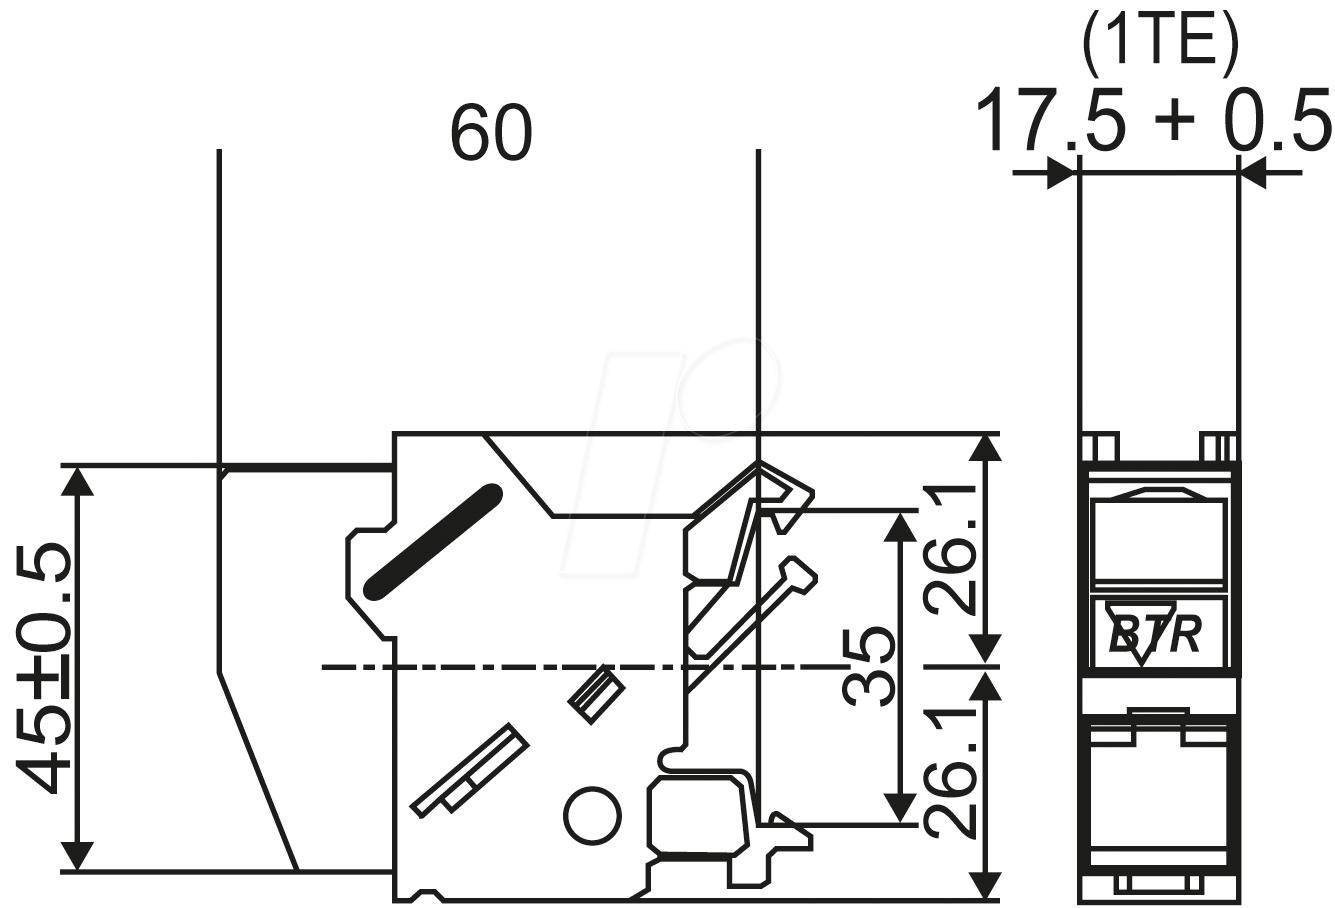 BTR 1309426003-E: 1x RJ45 socket IP20 Cat.6A, rail